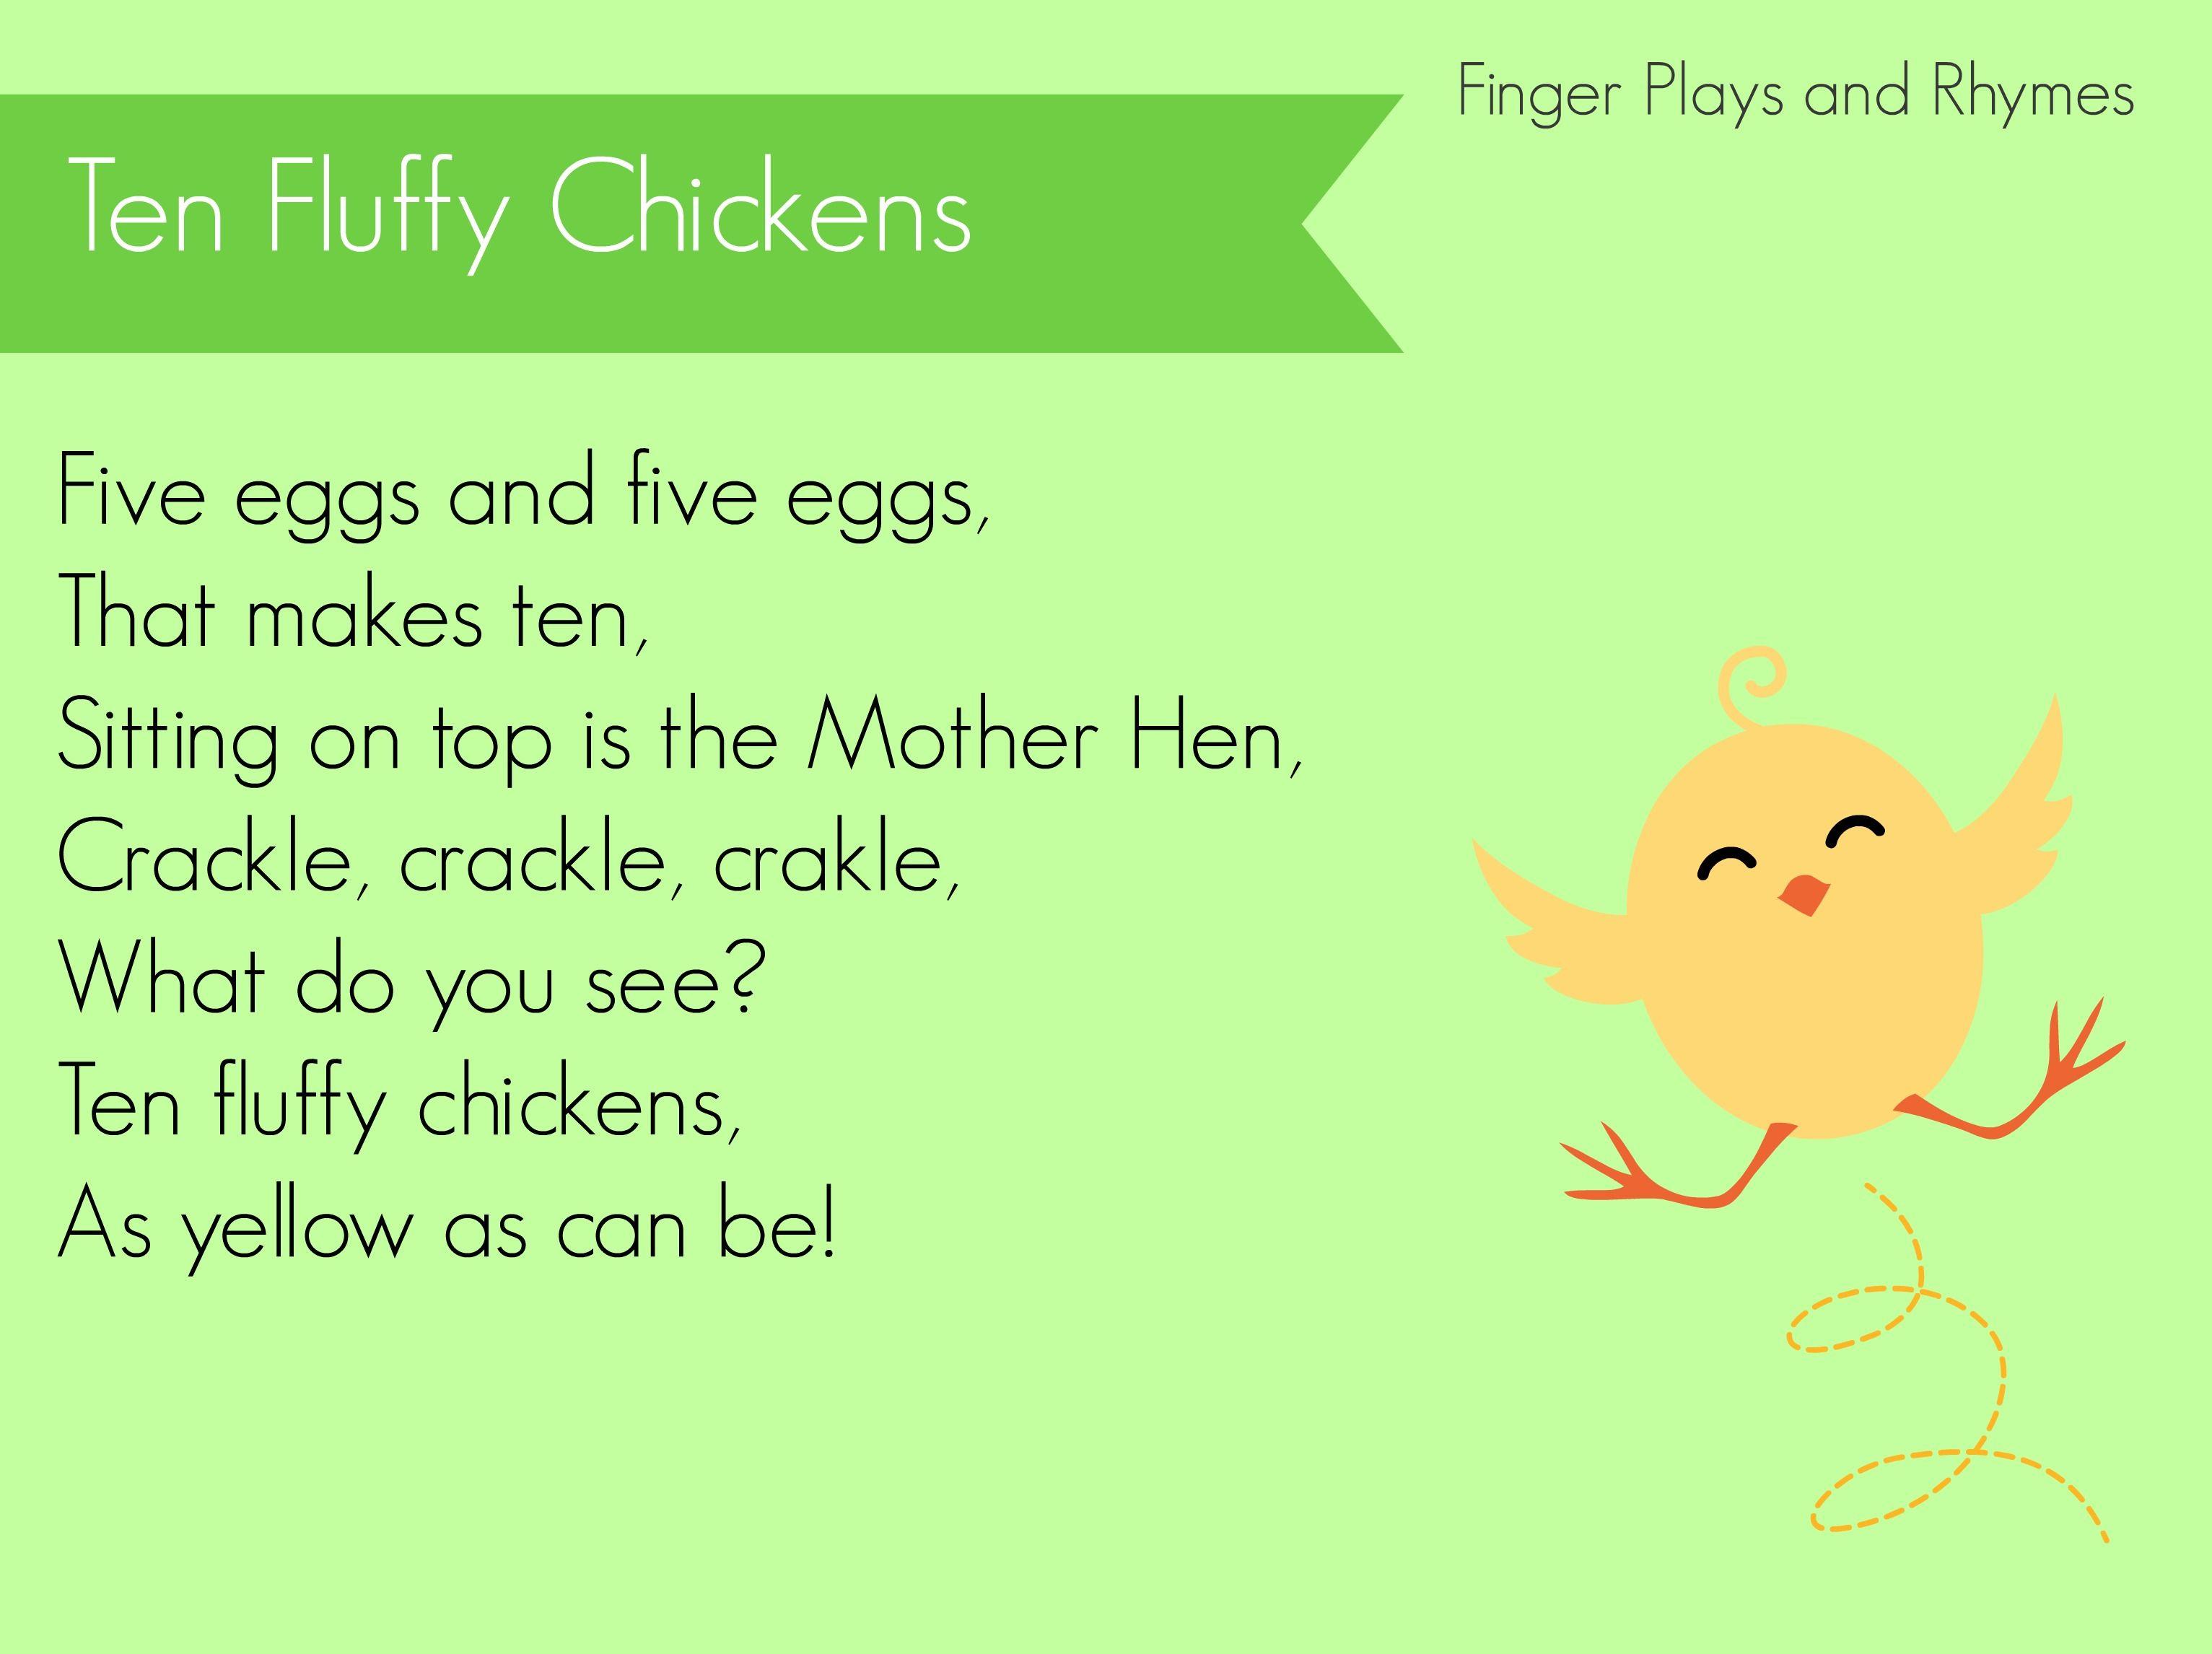 Ten Fluffy Chicks Finger Play for preschoolers | Fingerplays ...